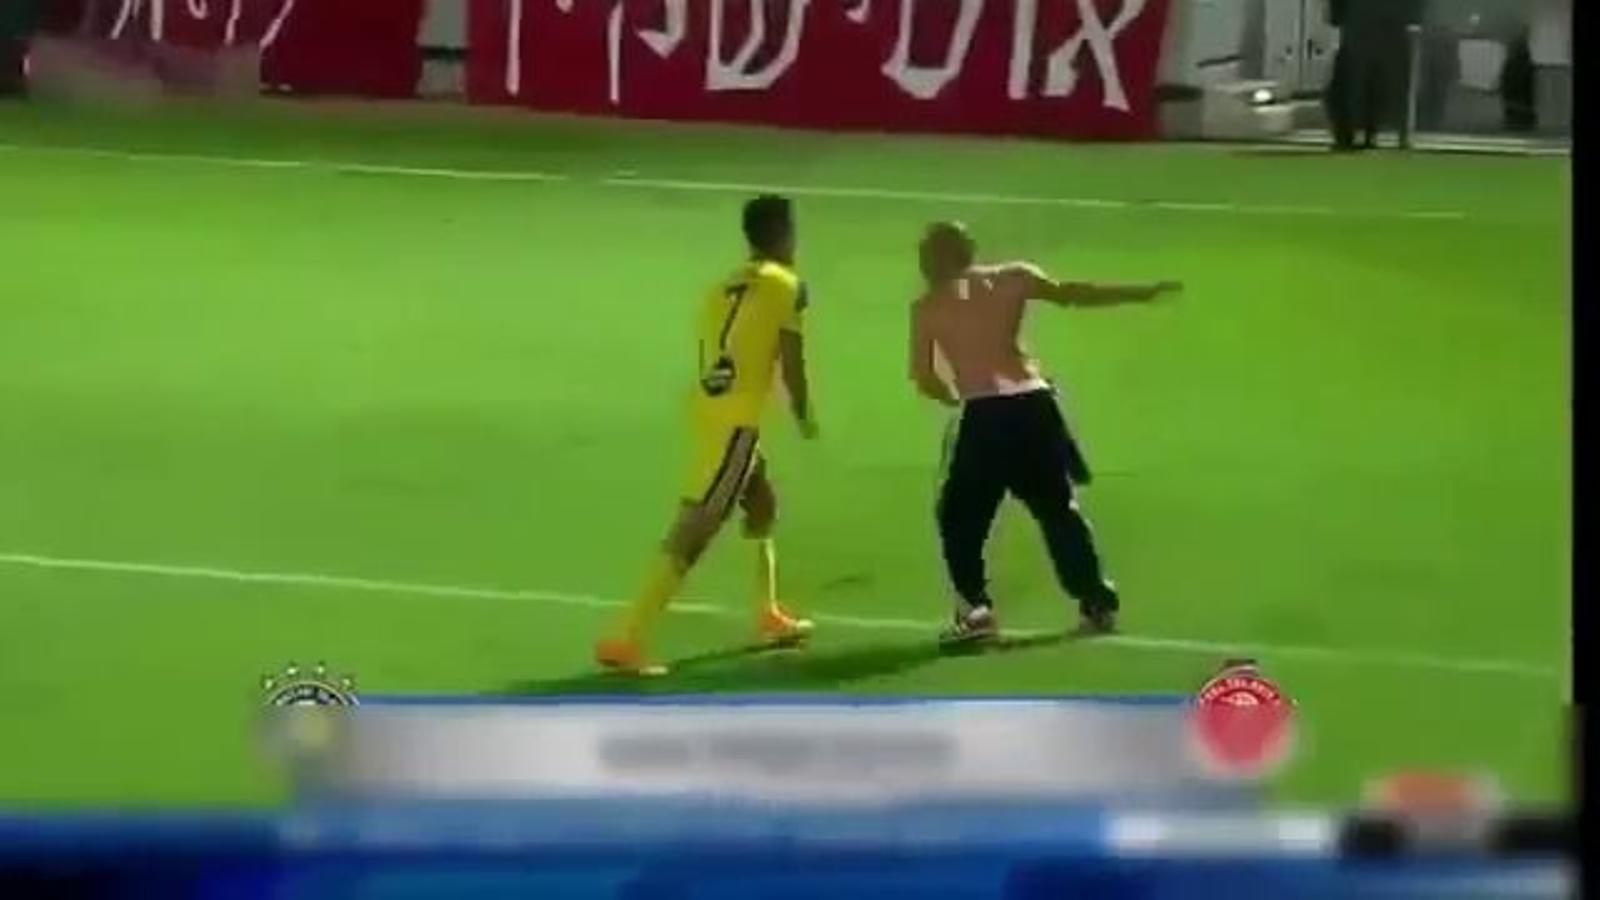 Un aficionat de l'Hapoel i un jugador del Maccabi s'enfronten a cops de puny i l'àrbitre suspèn el derbi de Tel Aviv